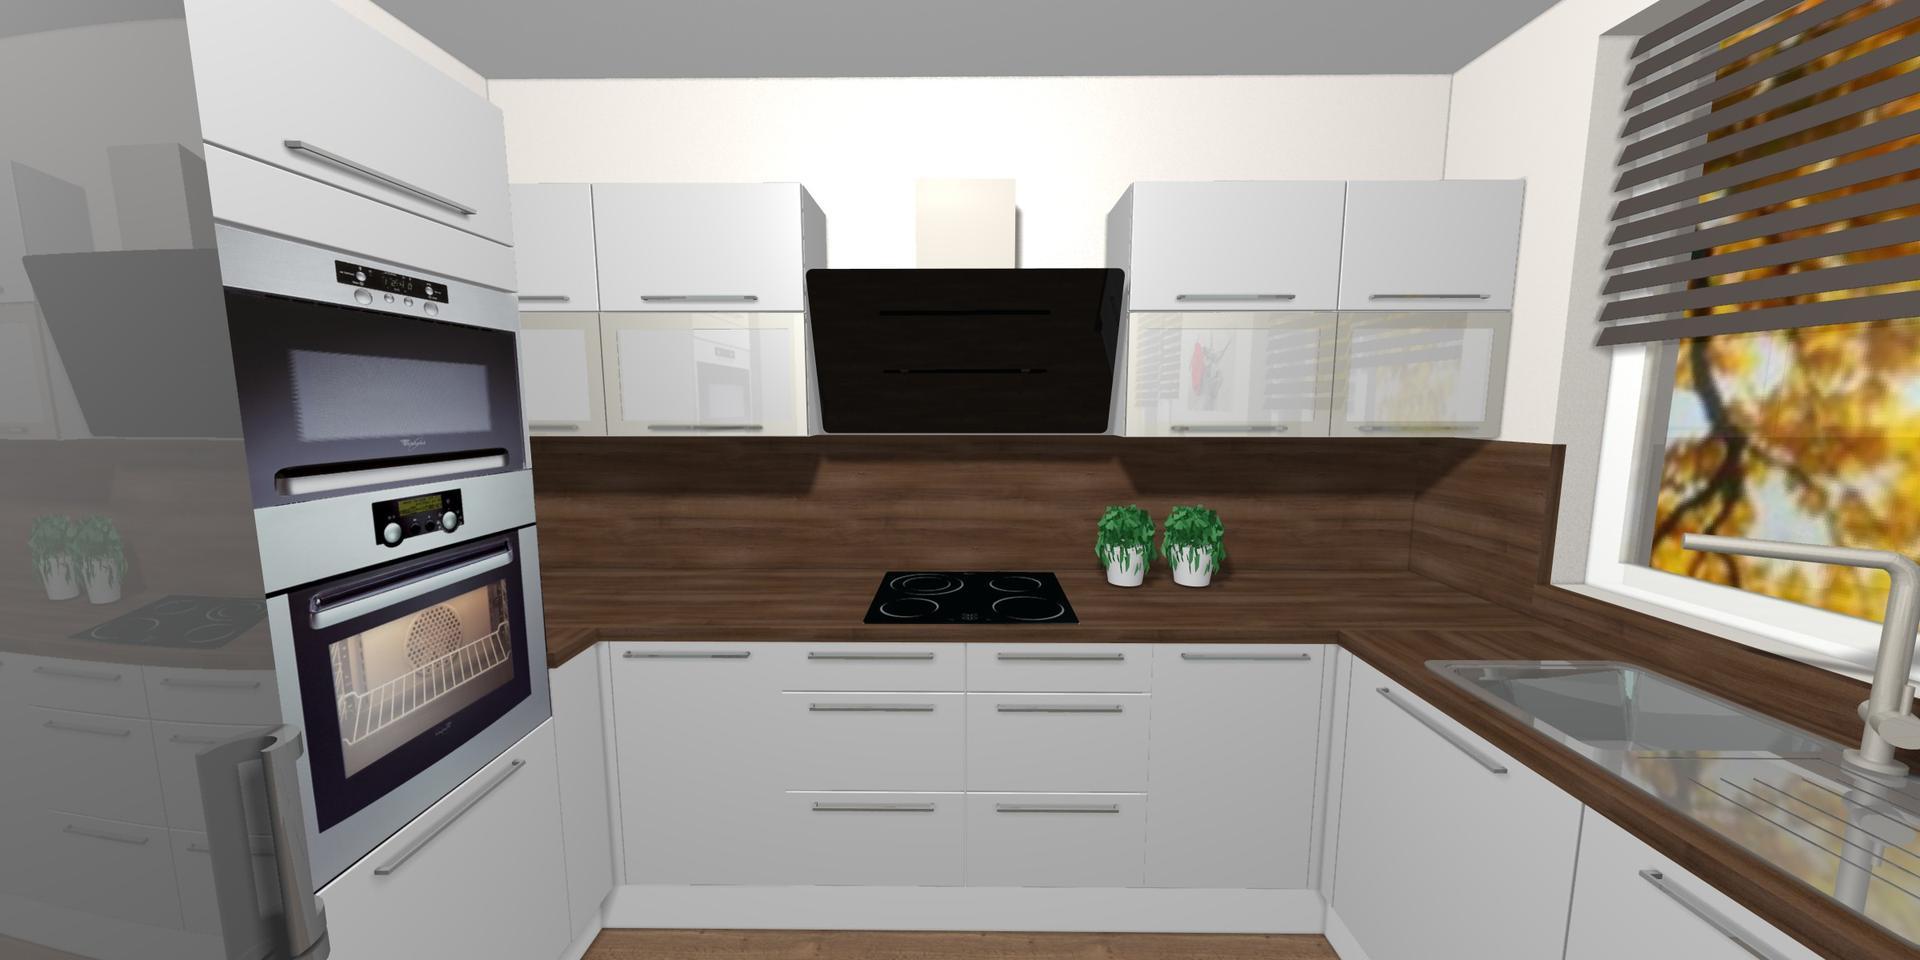 Kuchyně- plány x realita - Obrázek č. 4